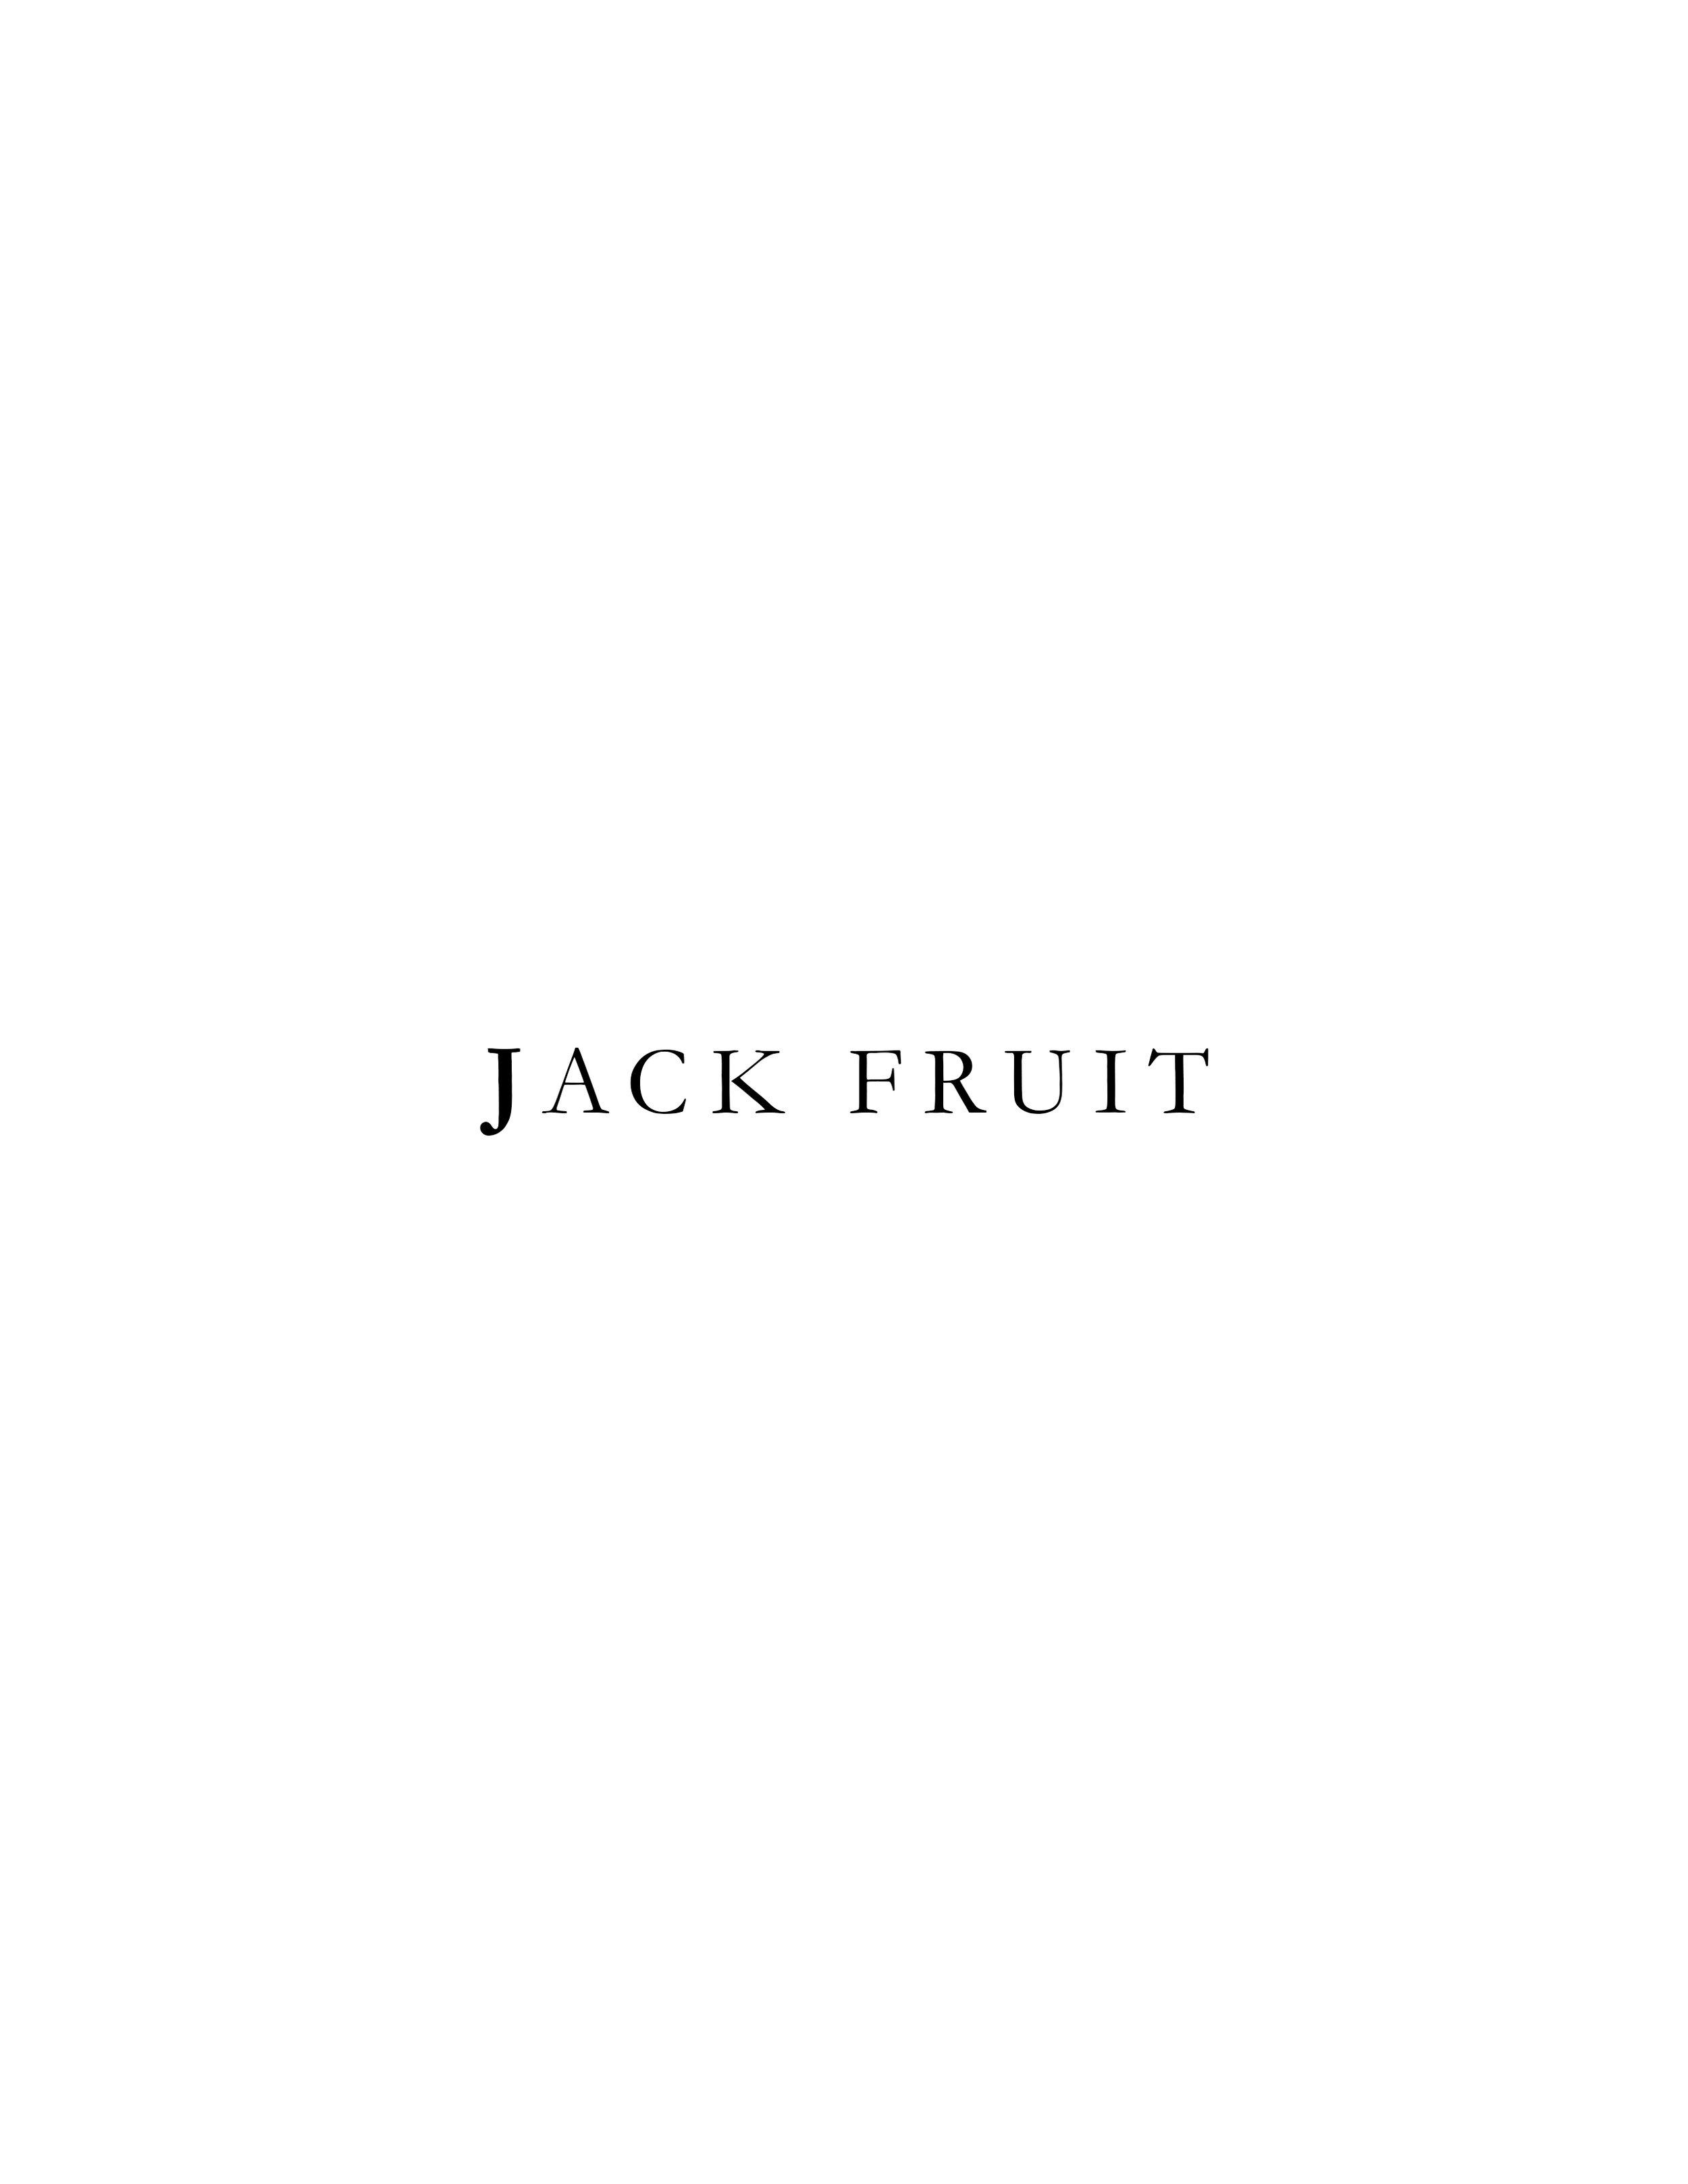 JACK FRUIT Text.jpg